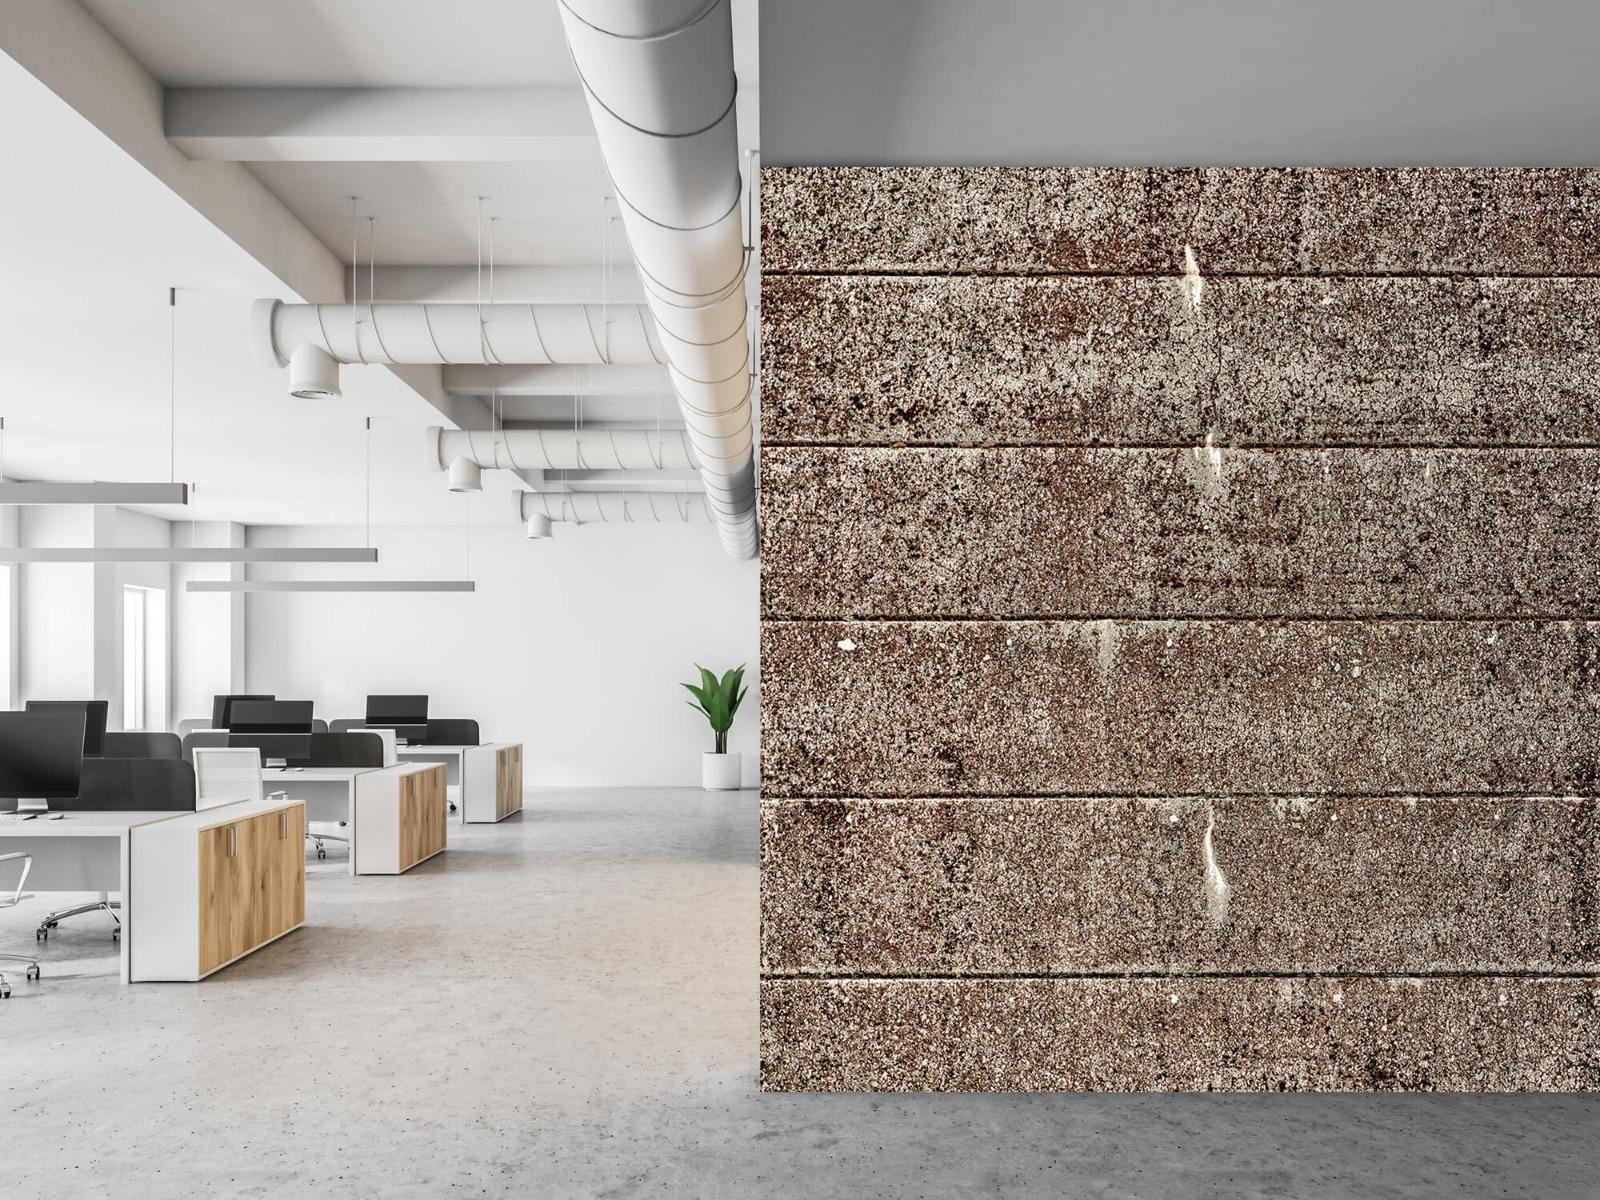 Steen behang - Oude betonnen damwand - Tienerkamer 21